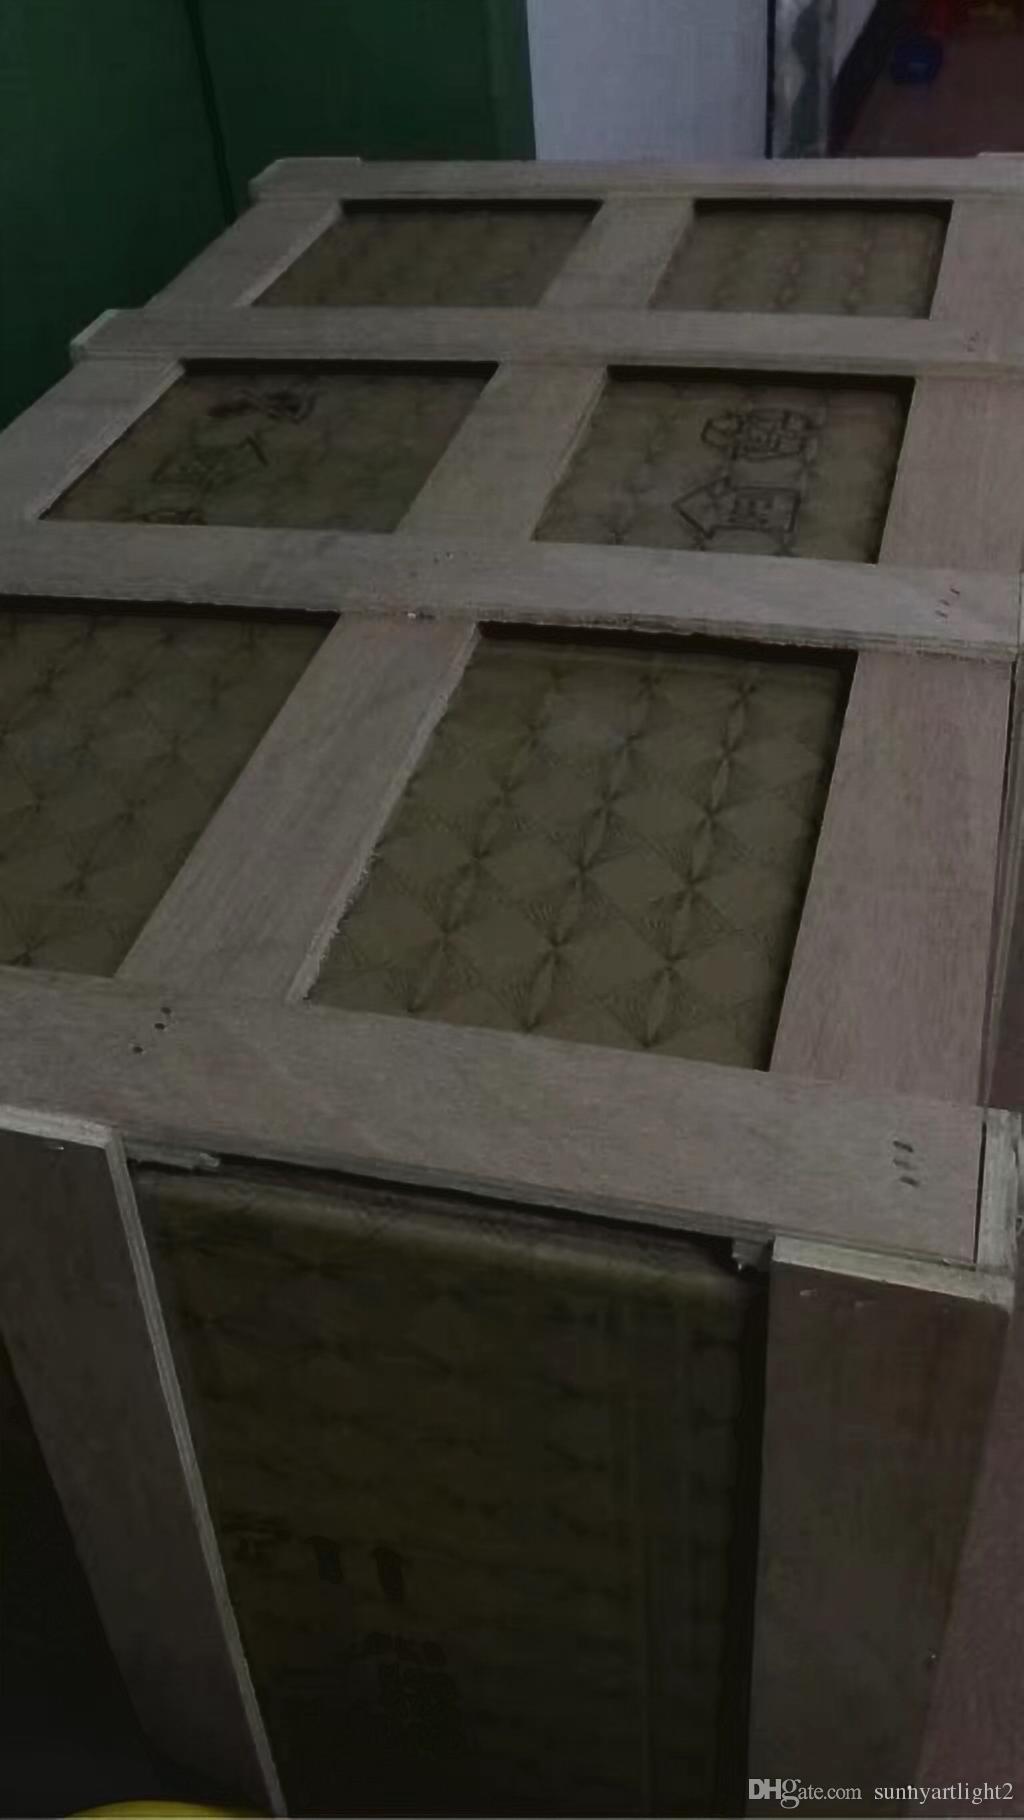 100% Boca Soprado Teto de Borosilicato Led Iluminação Sala de estar de Vidro Murano Arte Chihuly Estilo Moderno Luzes Do Candelabro De Luxo